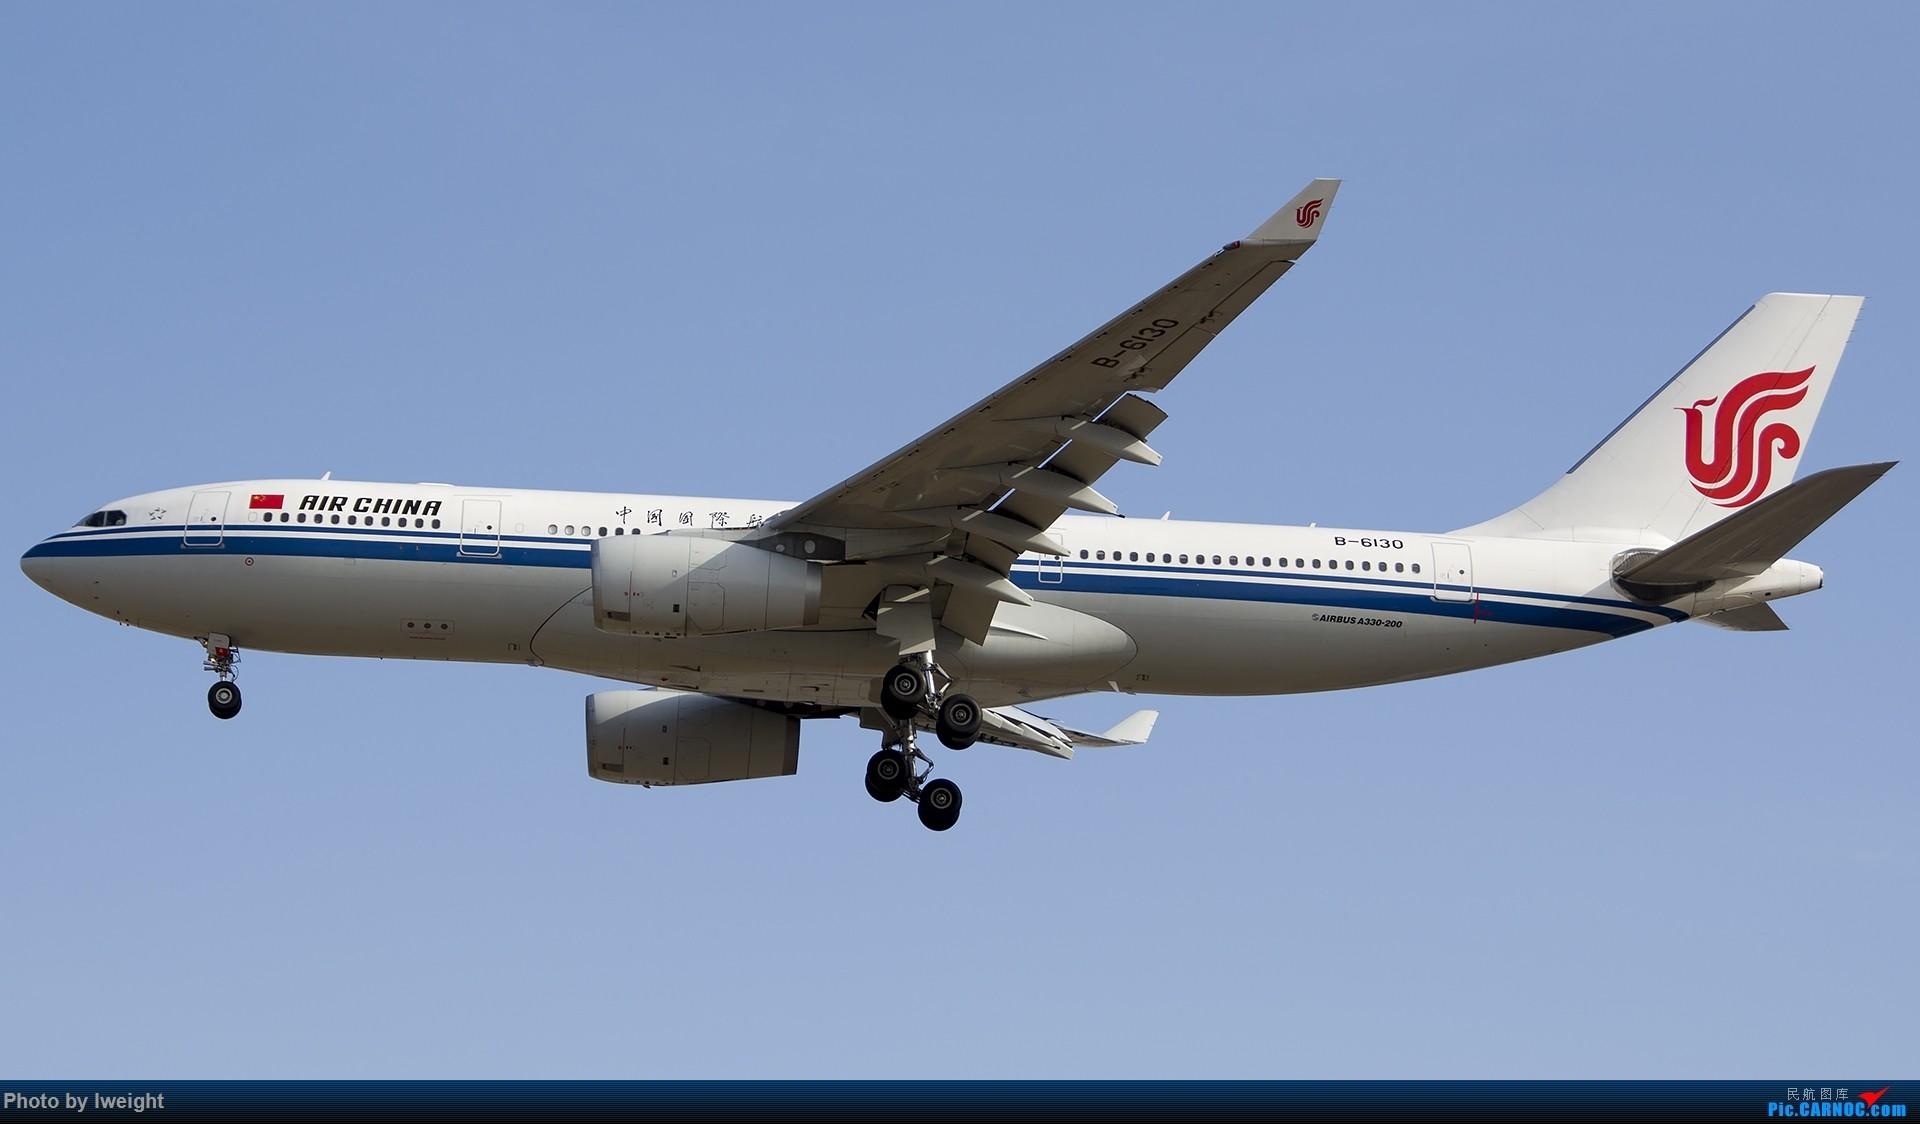 Re:[原创]2014-12-06 PEK天气由好变坏的直接体验 AIRBUS A330-200 B-6130 中国北京首都国际机场